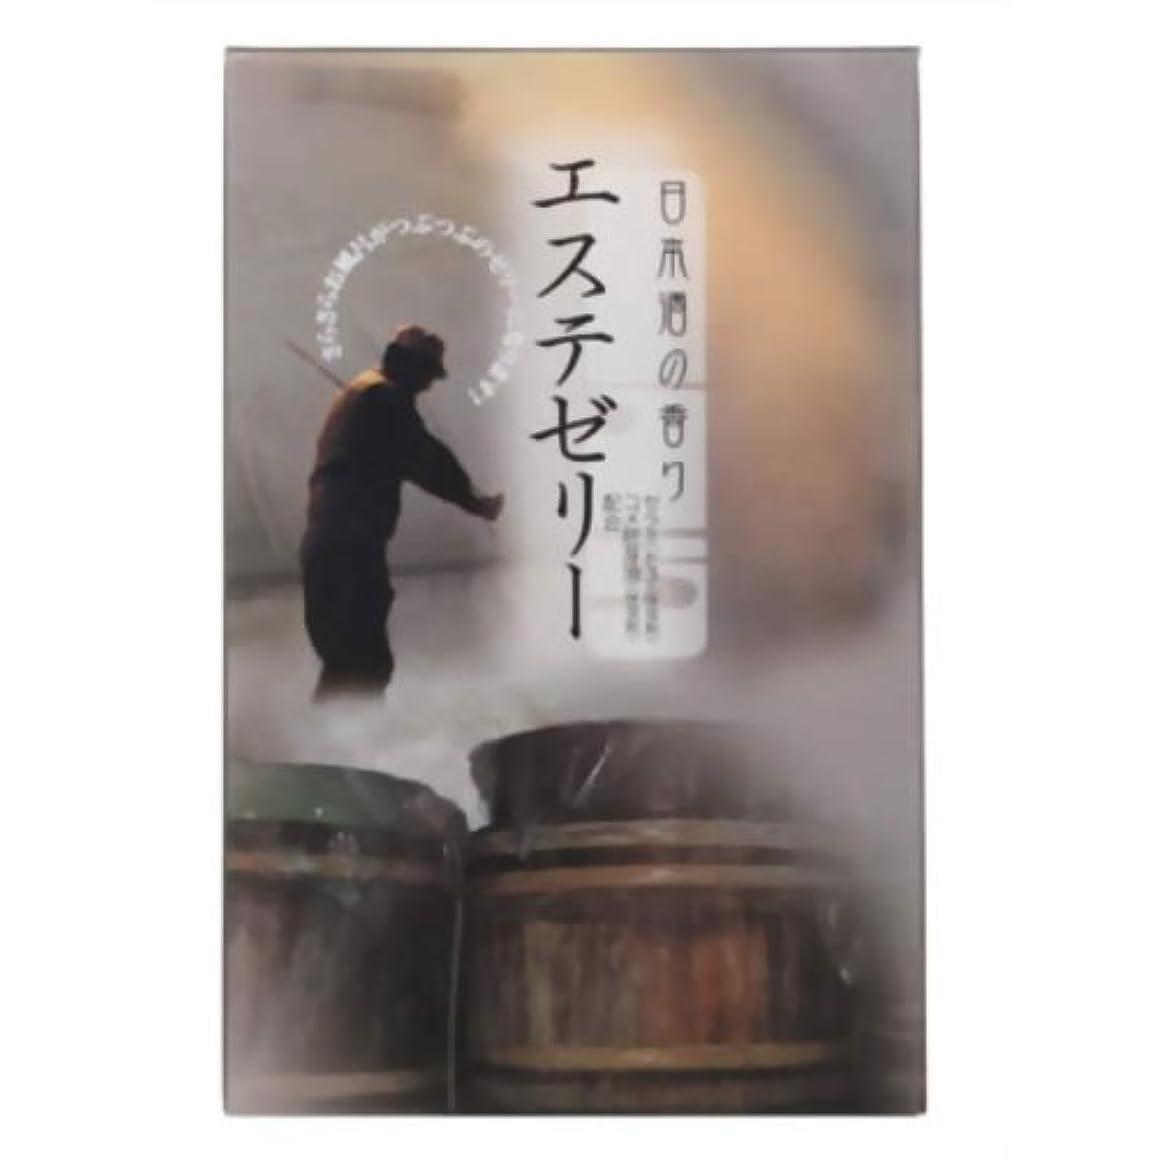 無限大確実止まるエステゼリー 日本酒の香り